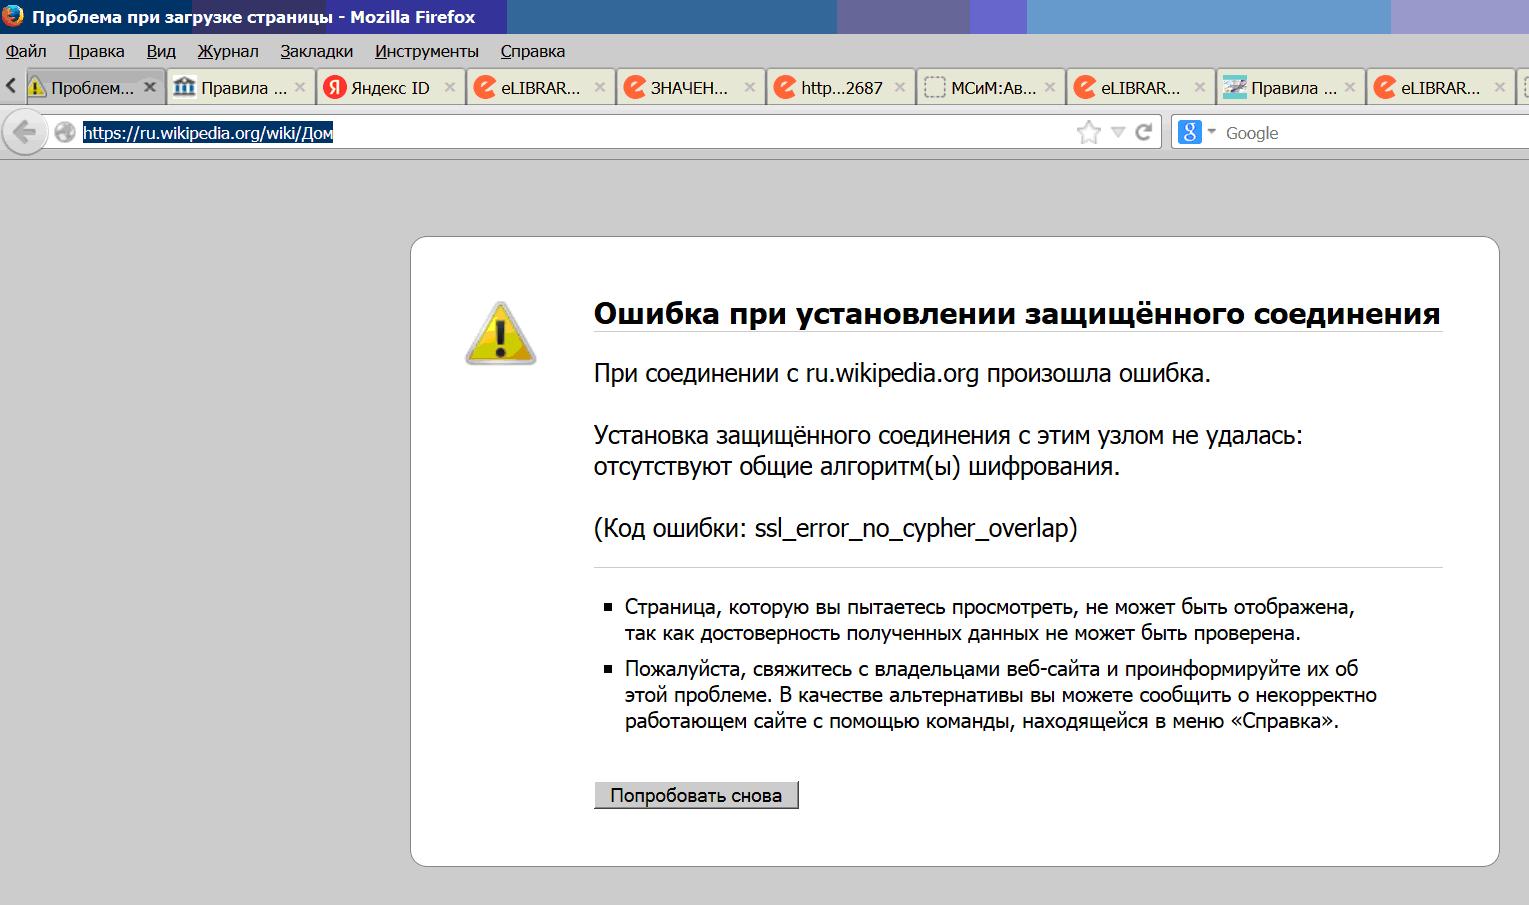 Страница Википедии не желает открываться, так как отсутствуют общие протоколы. Да ну ее, эту Википедию, в самом деле